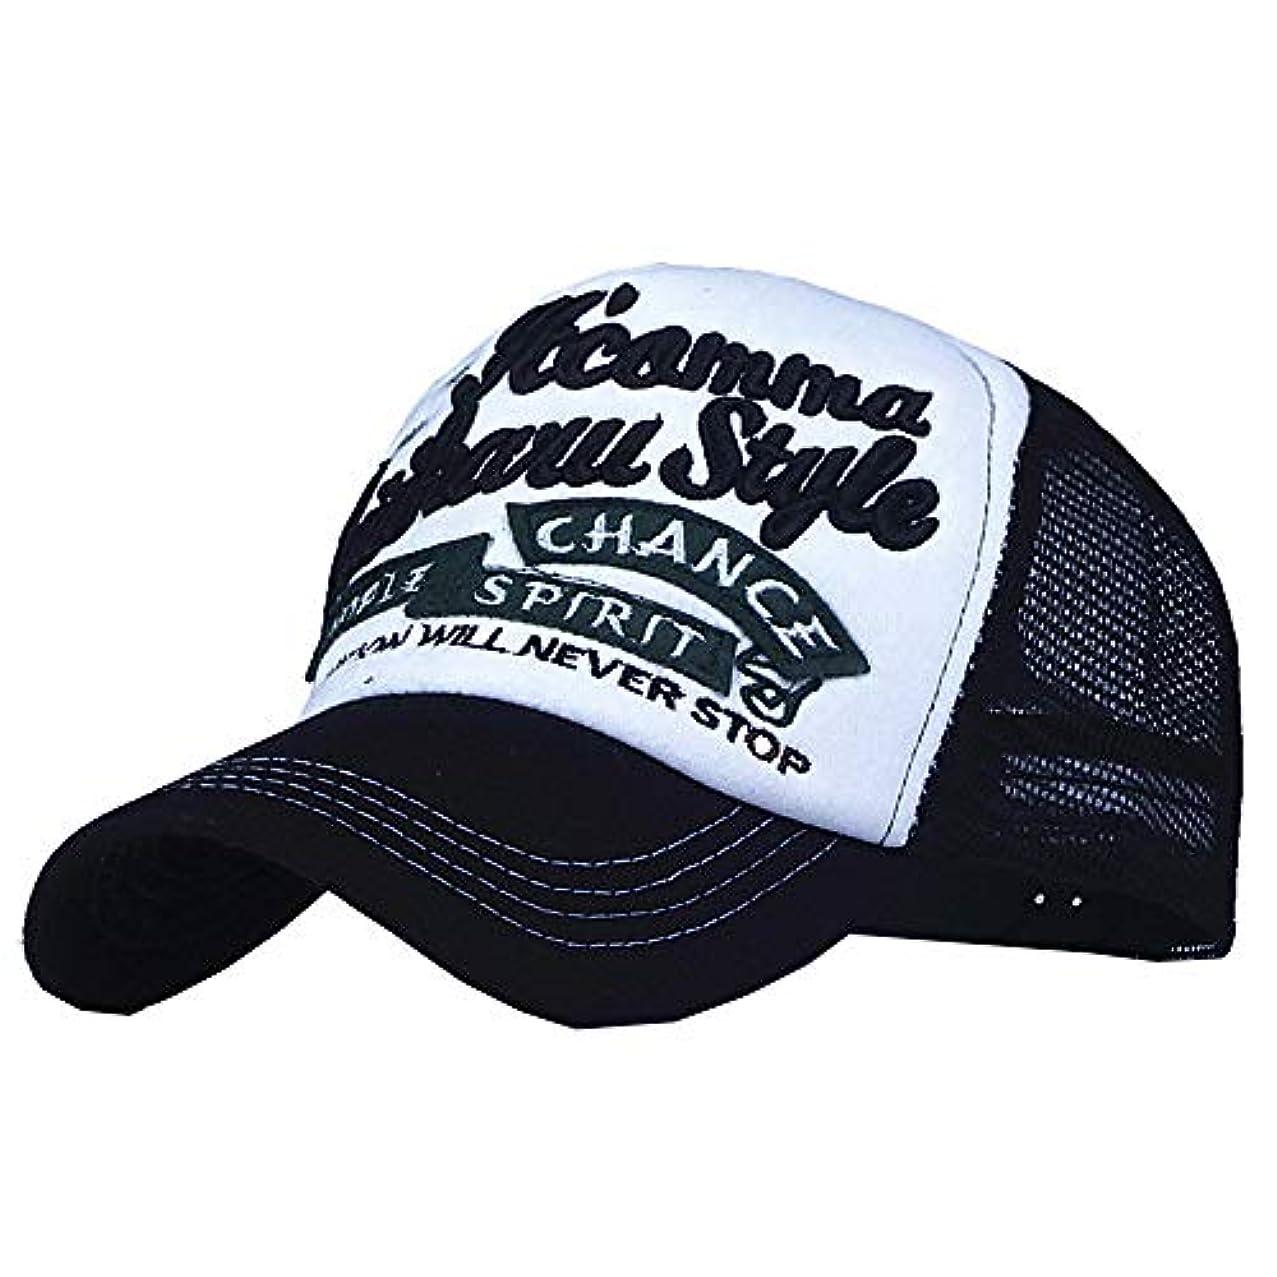 借りる利用可能広げるRacazing パッチワーク 野球帽 ヒップホップ メンズ 夏 登山 帽子メッシュ 可調整可能 プラスベルベット 棒球帽 UV 帽子 軽量 屋外 Unisex 鸭舌帽 Hat Cap